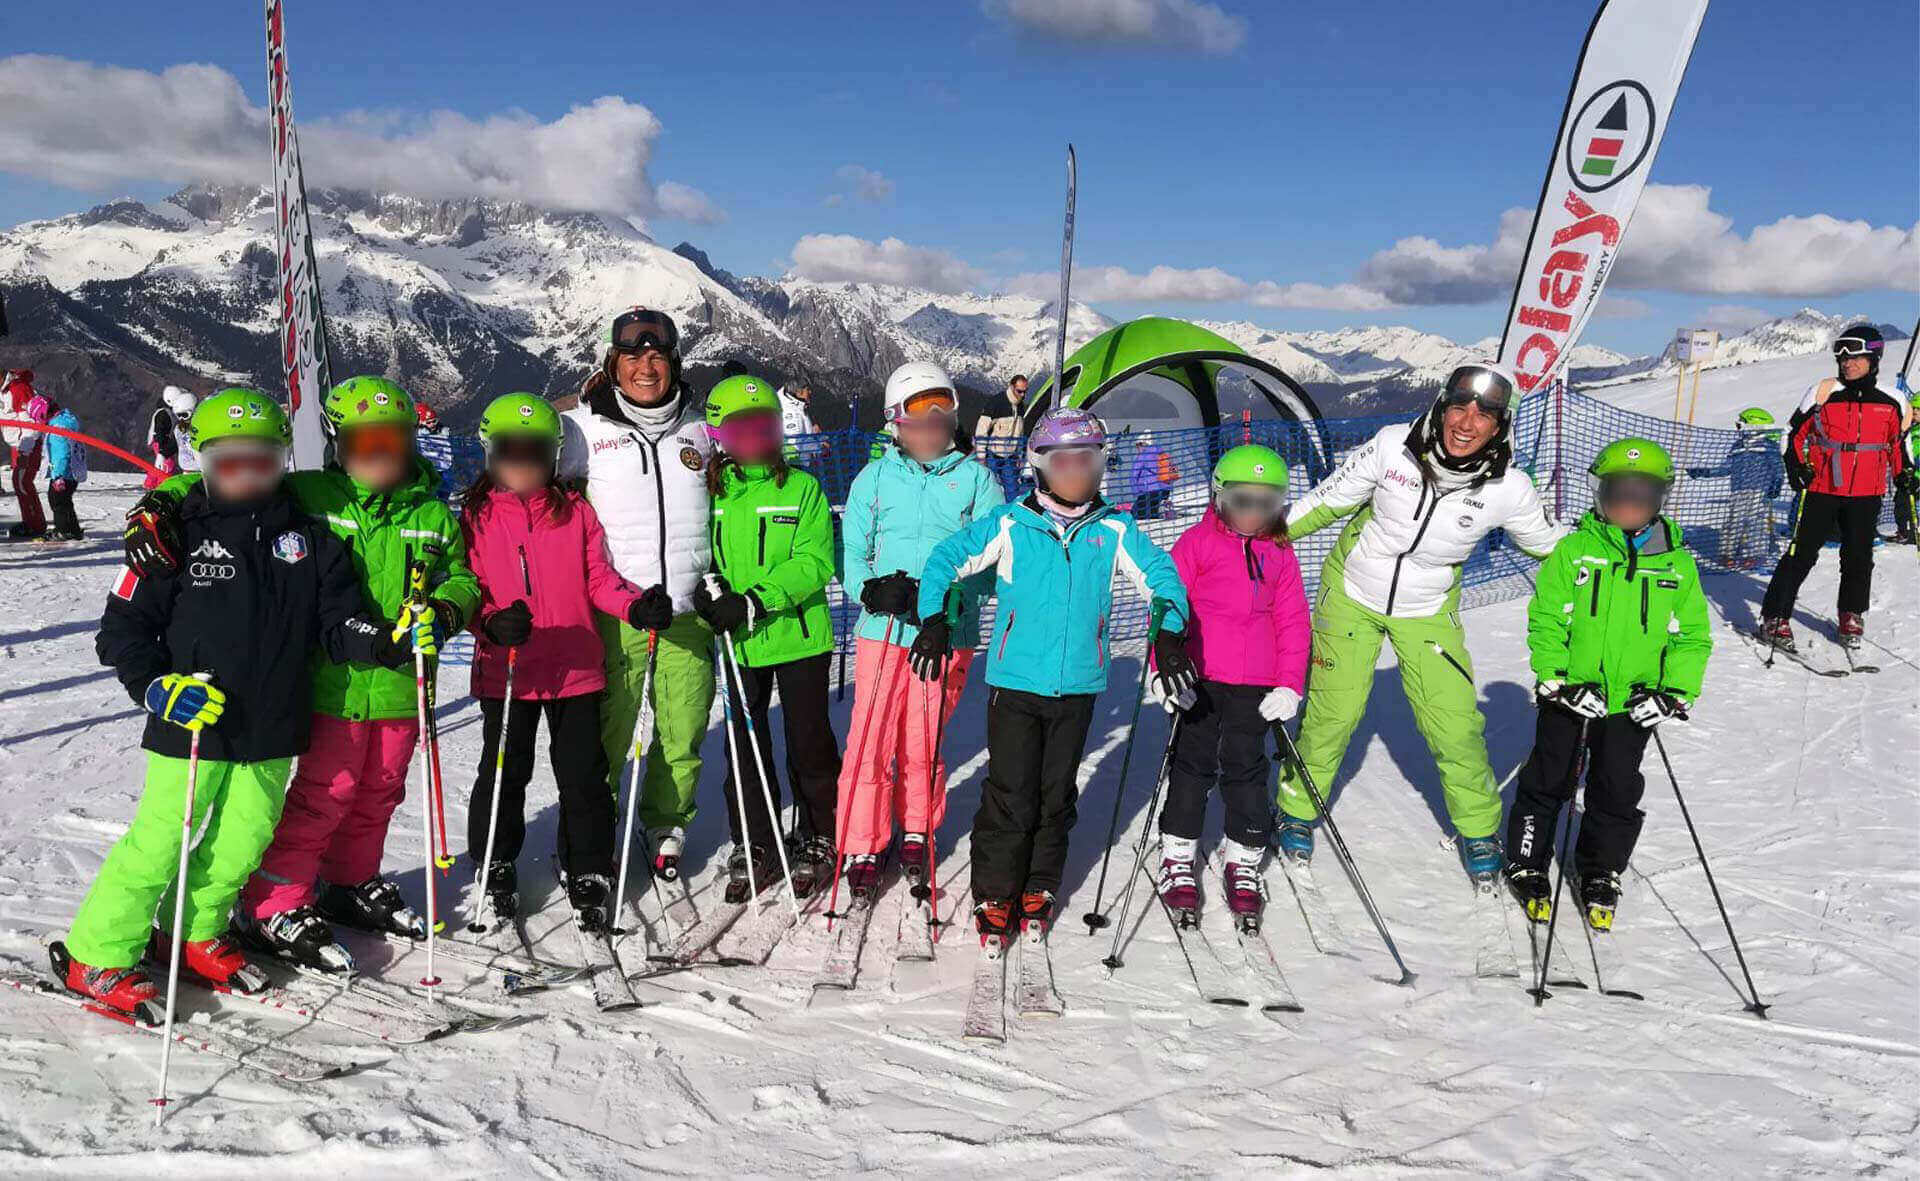 Corsi sci di gruppo per bambini